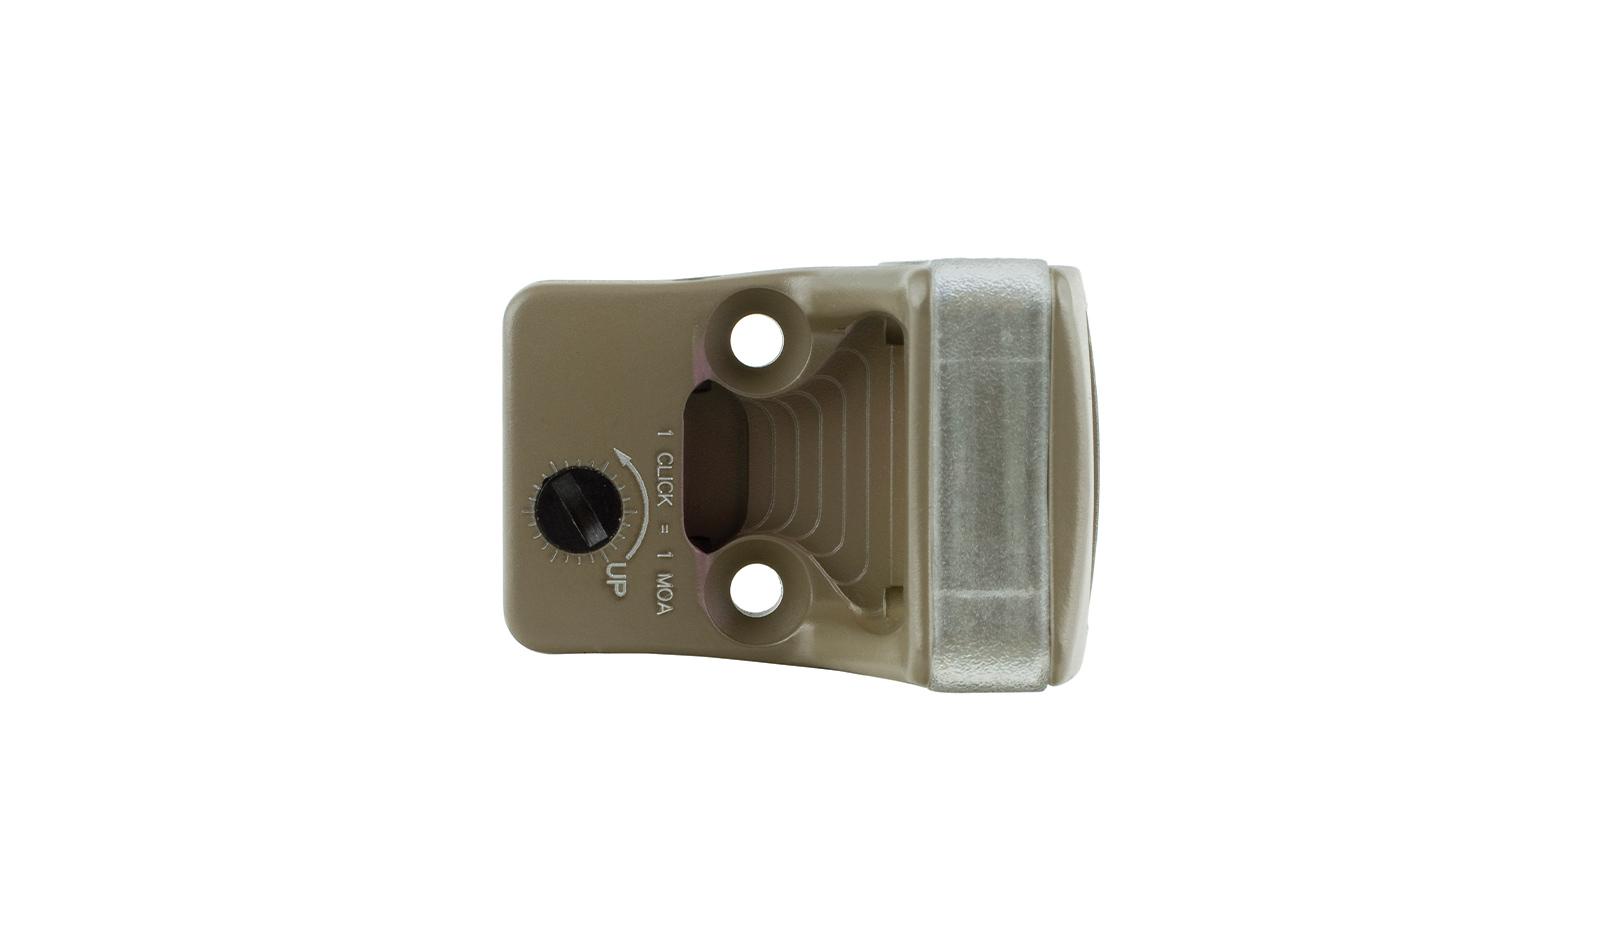 RM05-C-700189 angle 9